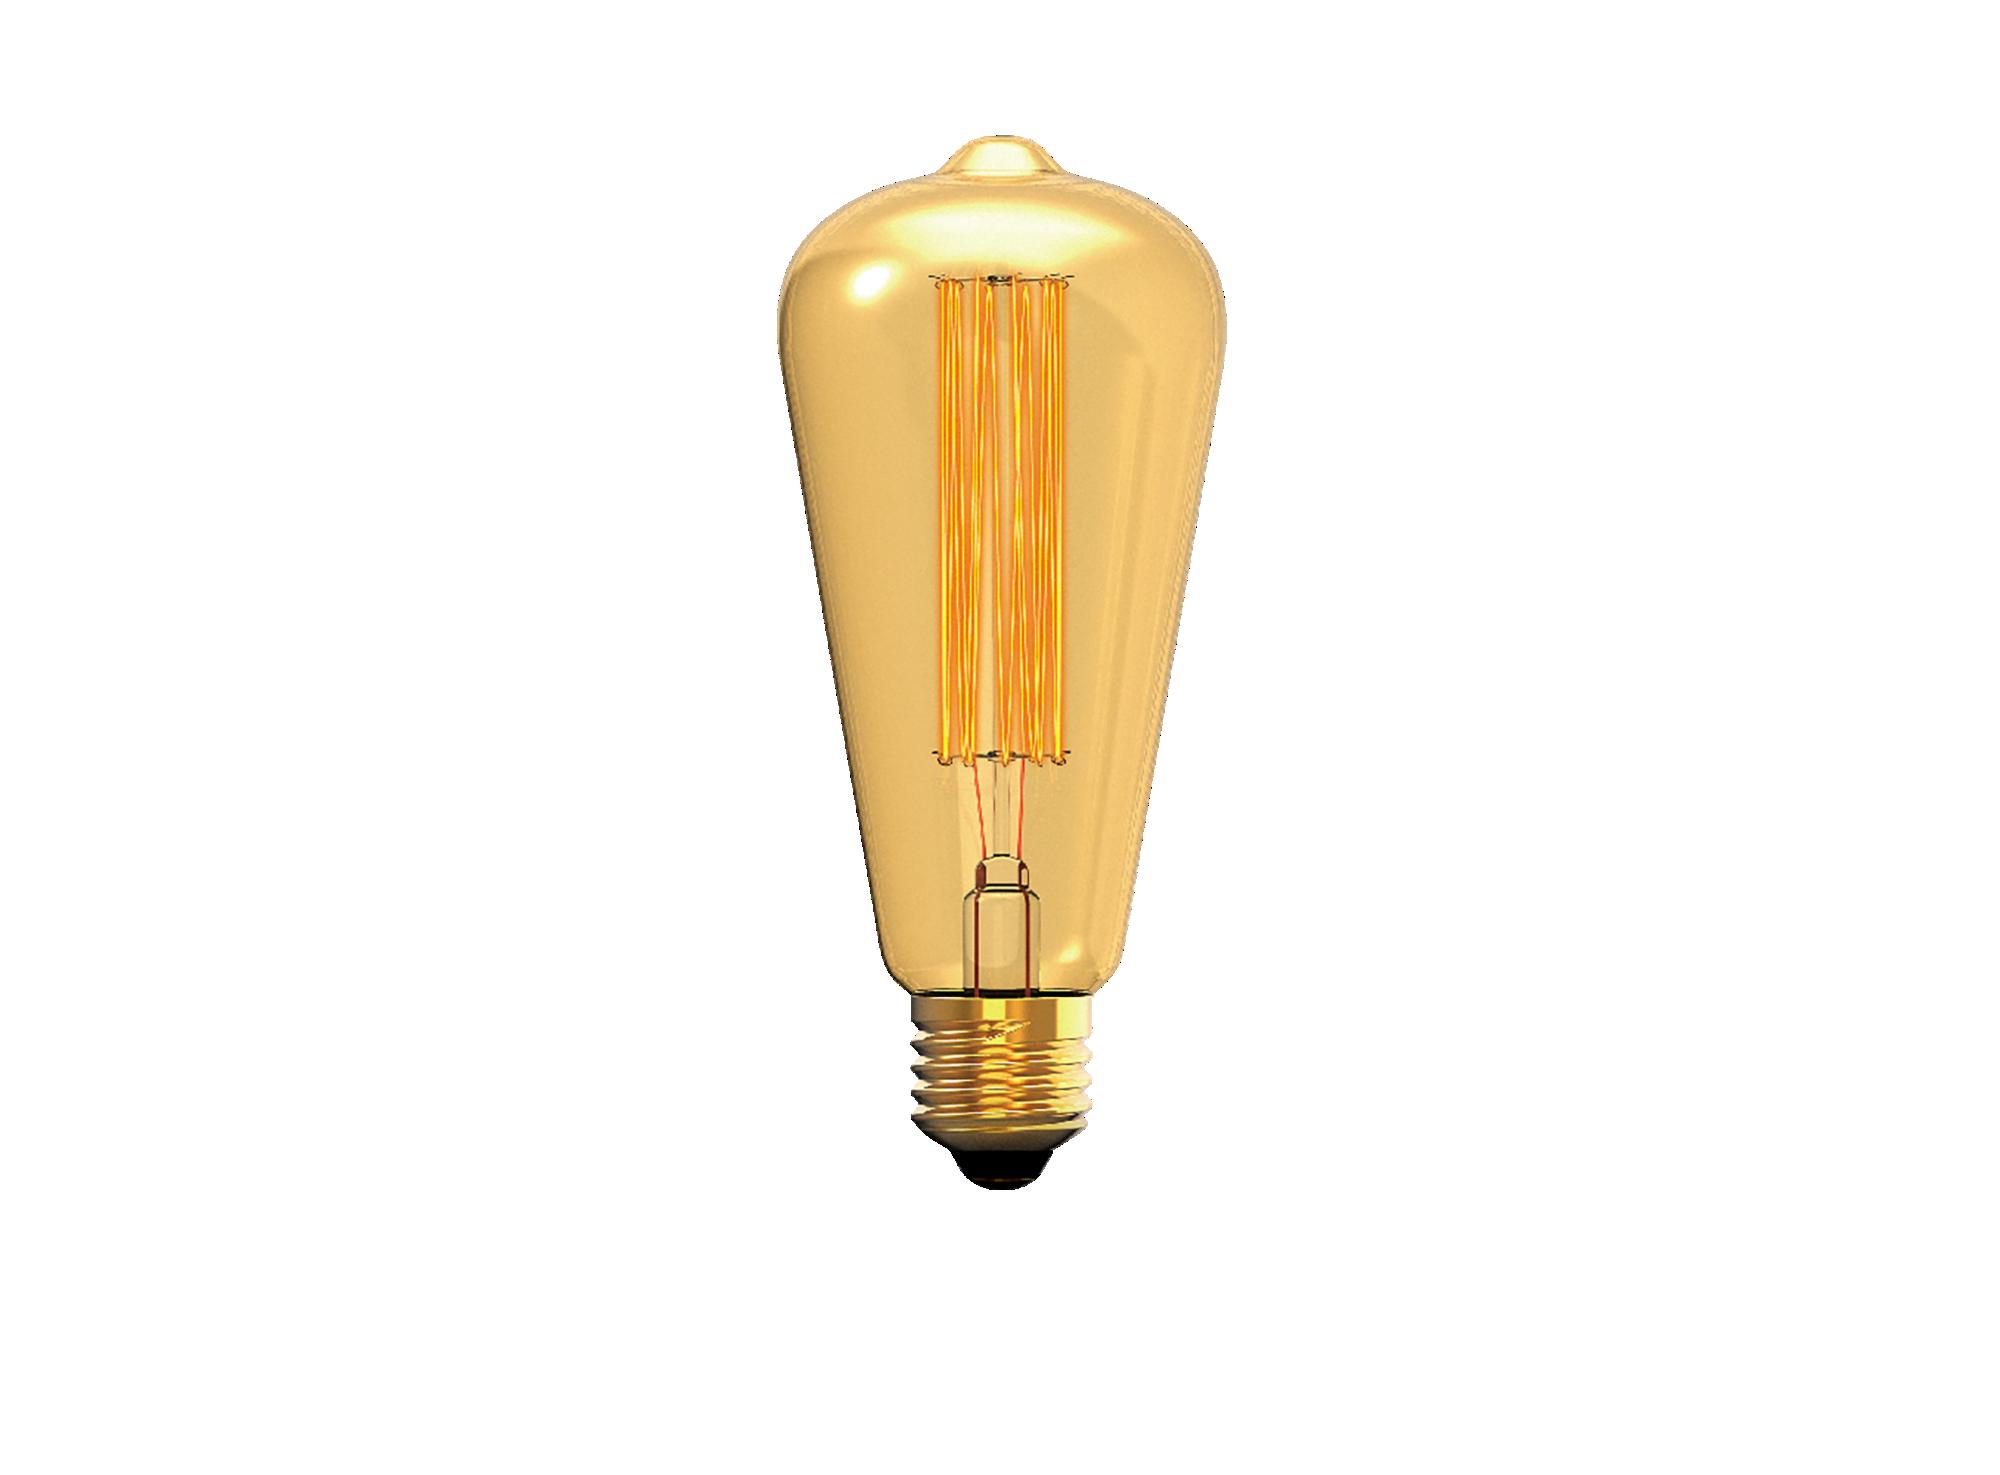 Ampoule decorative a filament  incandescent en forme de poire, colori ...